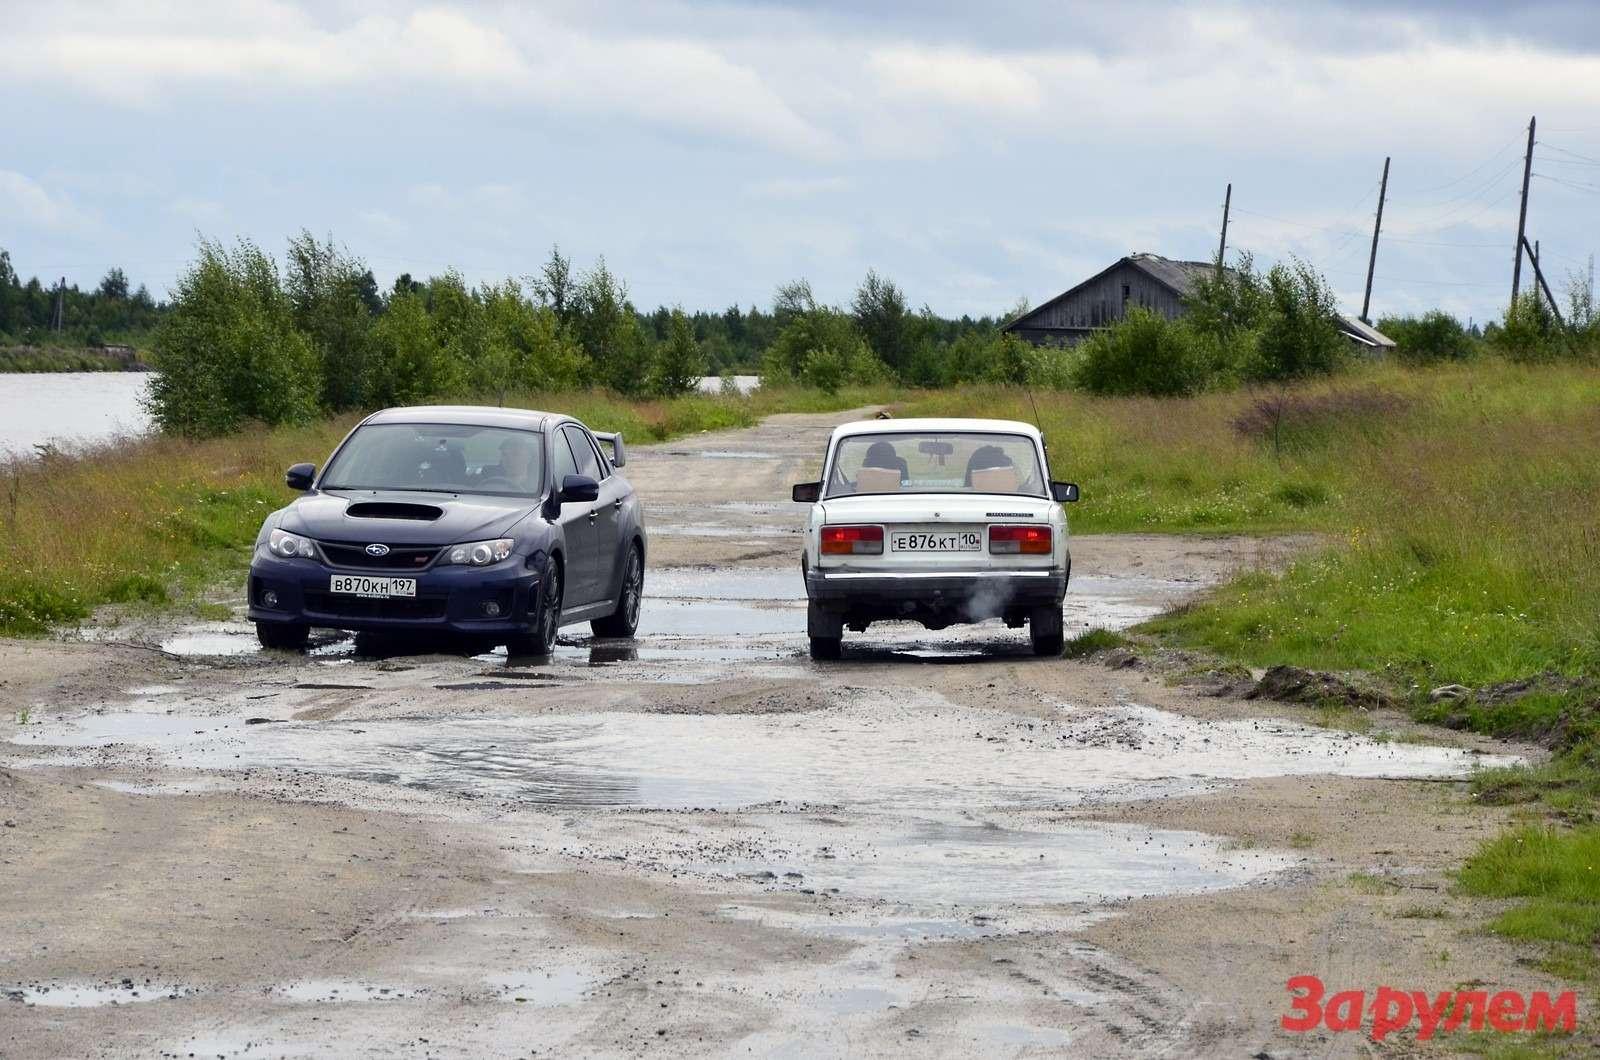 Belomorcanal_Subaru_road_trip_01